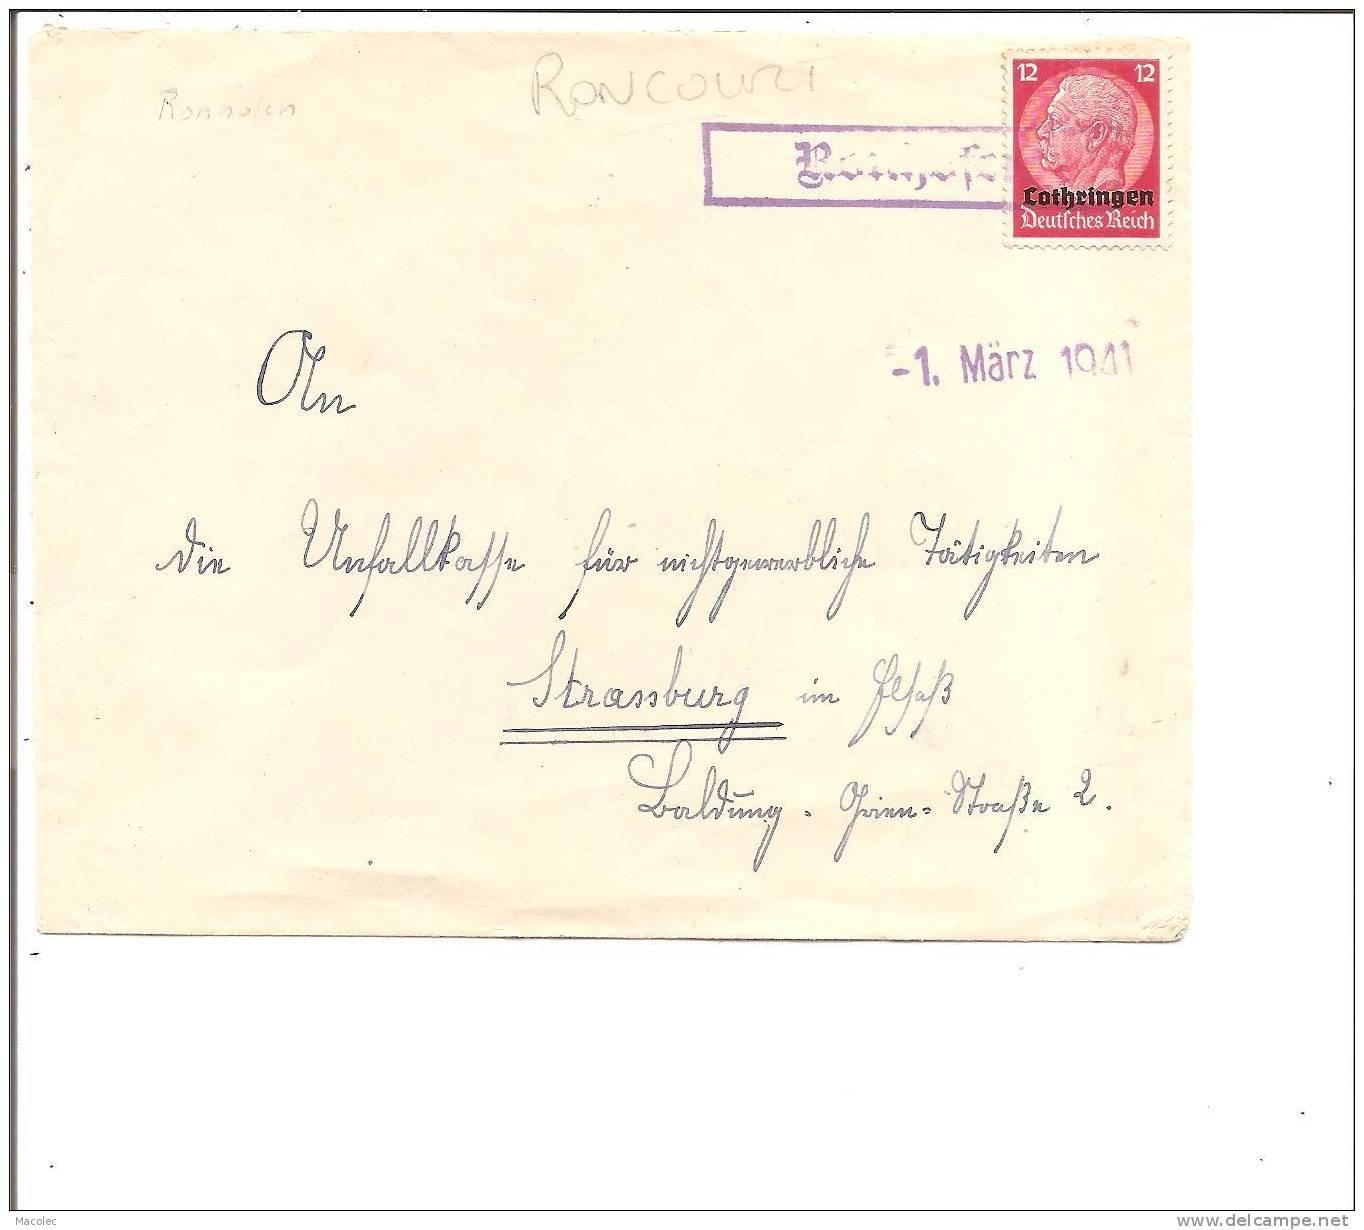 57 RONCOURT  RONHOFEN Enveloppe Allemande 1941 De MALANCOURT - Vecchi Documenti